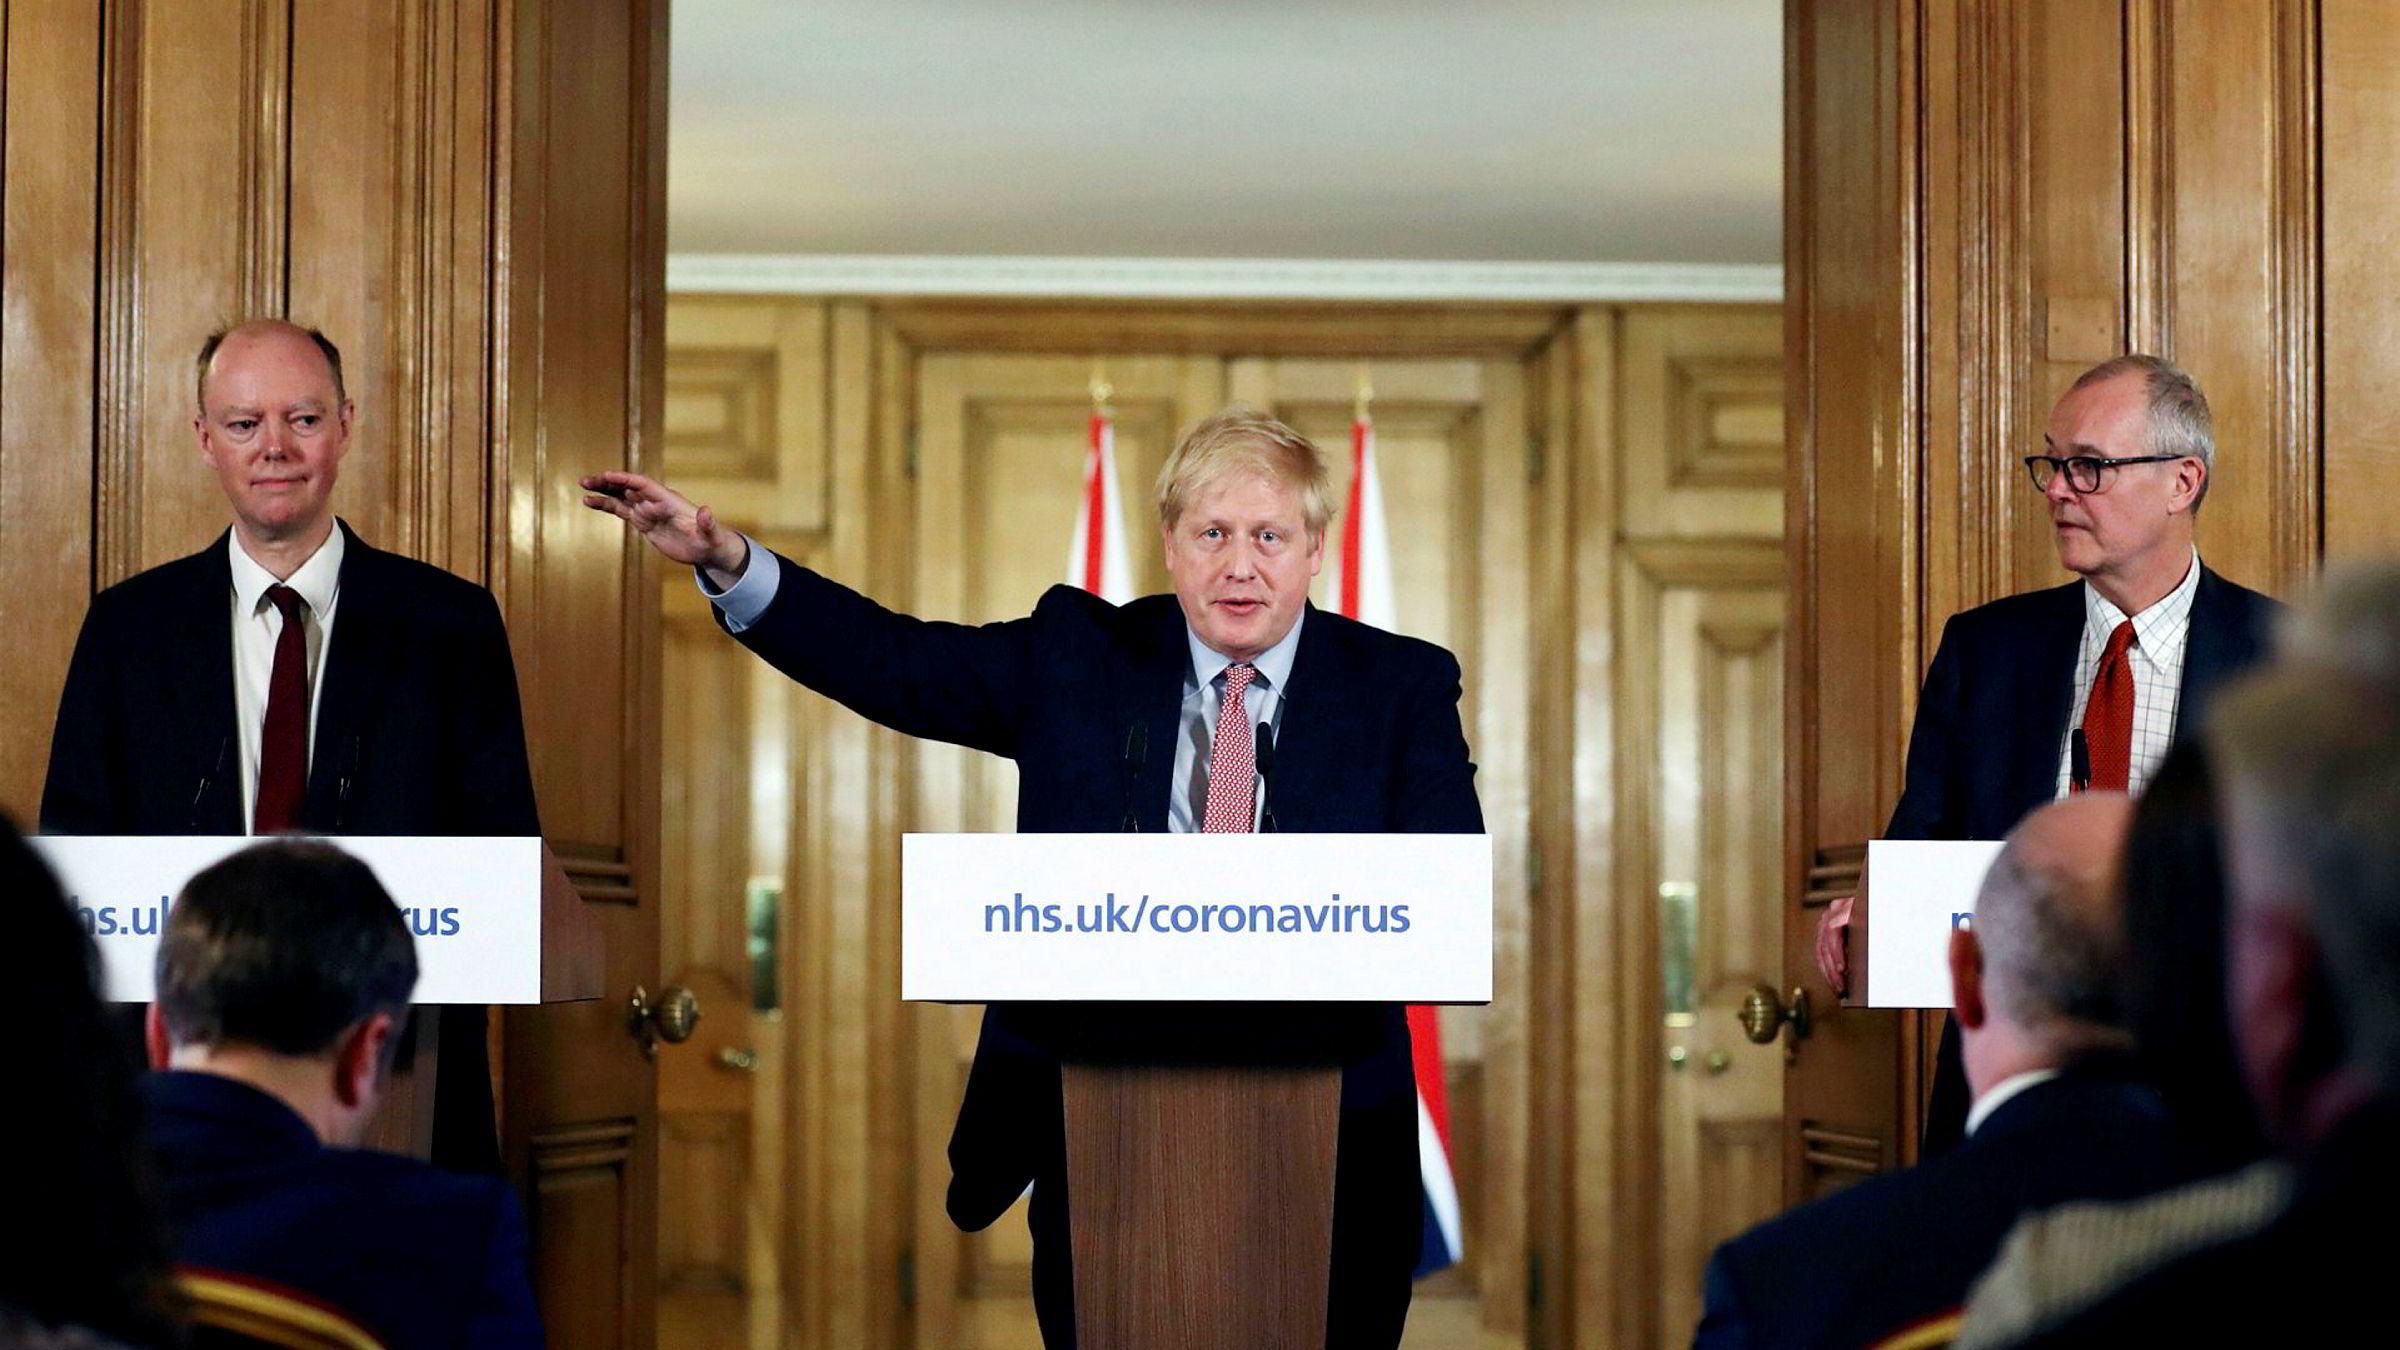 – Mange flere familier kommer til å miste sine kjære for tidlig, sa Storbritannias statsminister på en pressekonferanse torsdag.